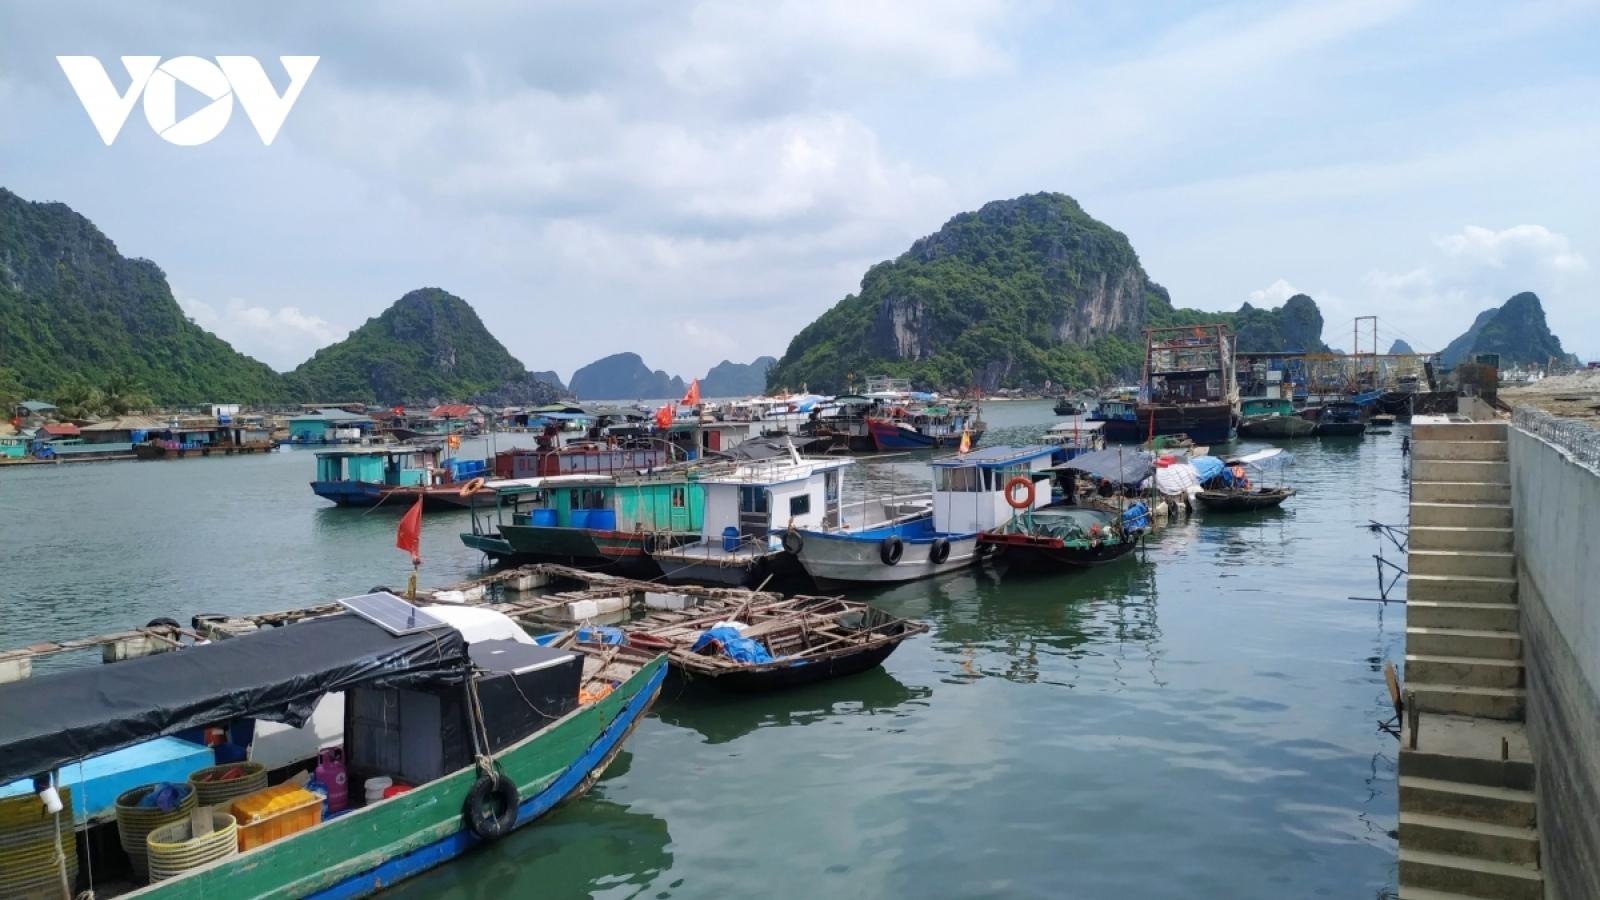 Quảng Ninh hỏa tốc triển khai các biện pháp phòng chống bão số 2 - Koguma